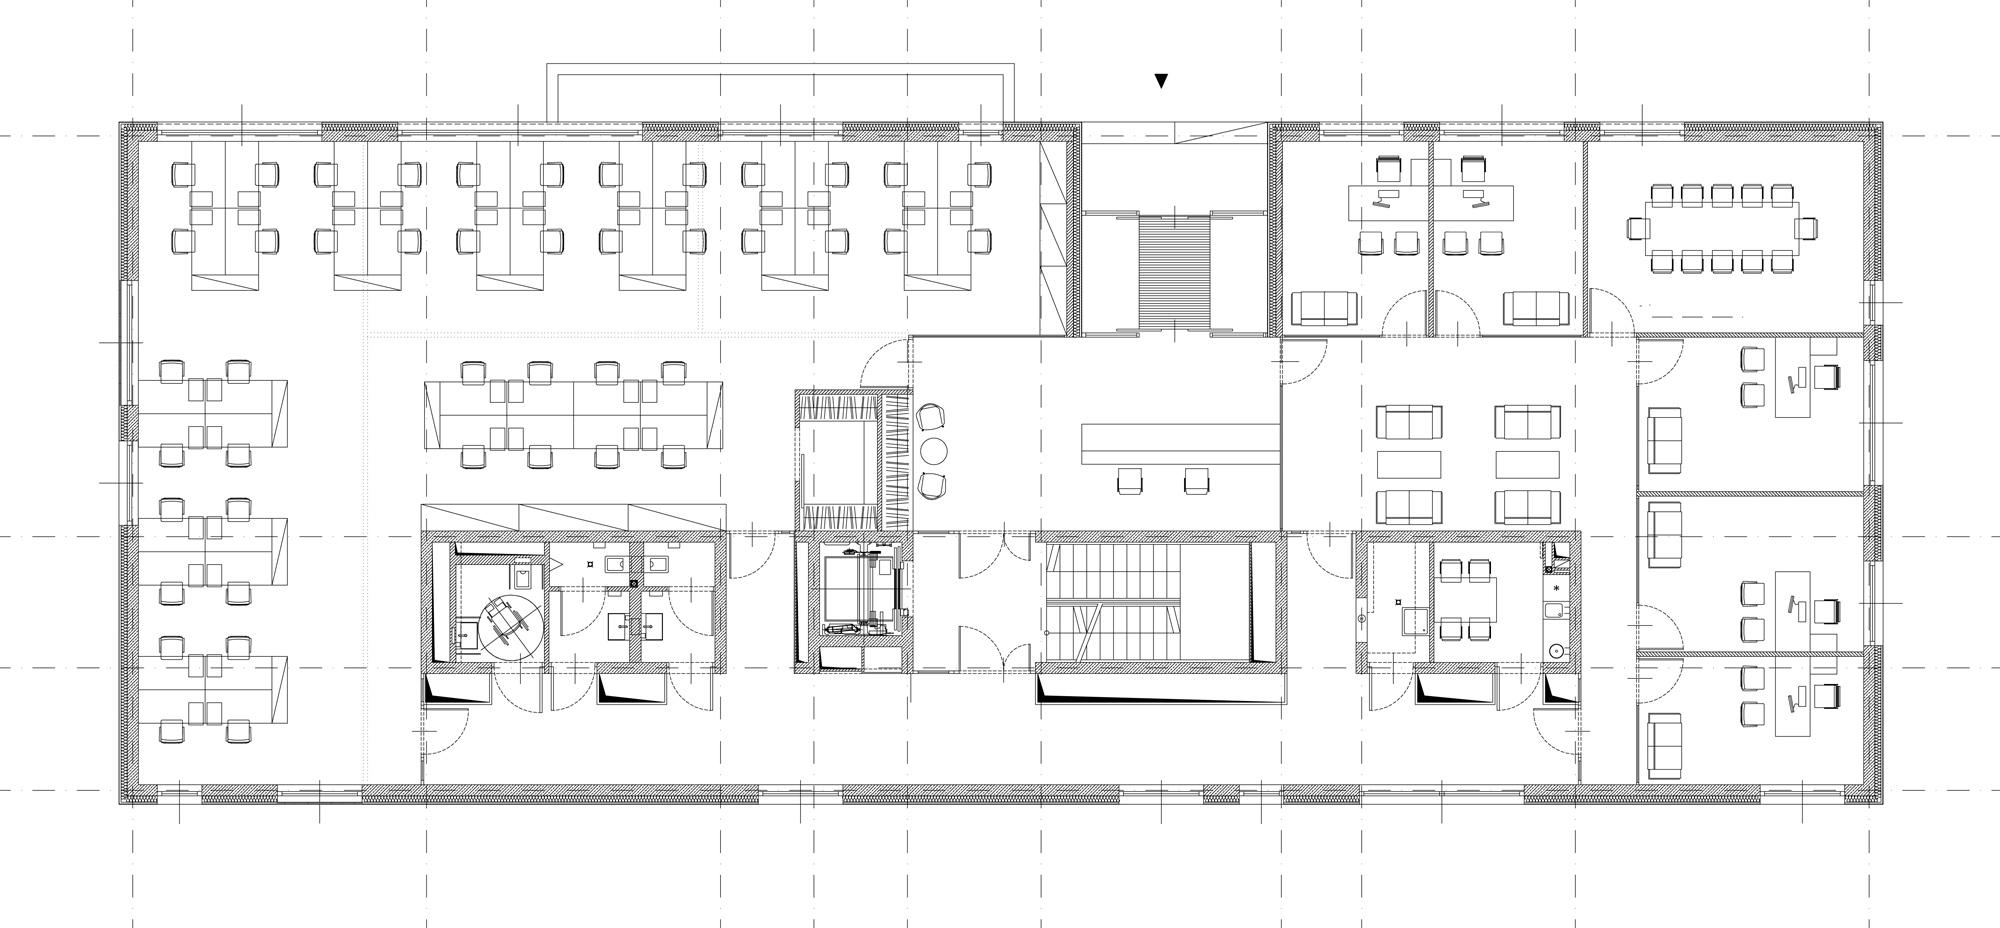 1289844416-floor-plan-1